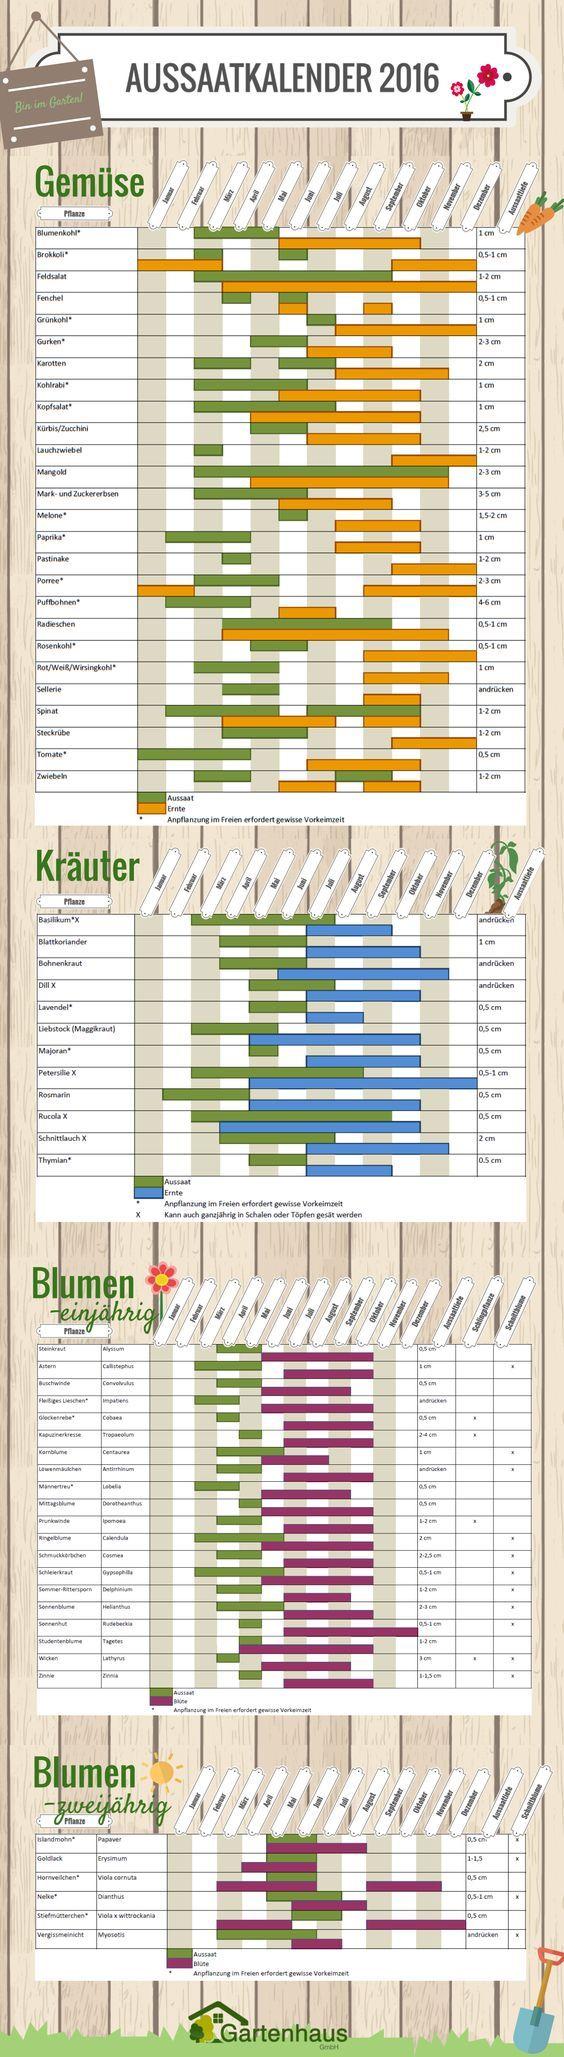 Wir hoffen, dass dieser Aussaatkalender Ihnen im Jahr 2016 einen wild sprießenden Garten in jeder Jahreszeit bescheren wird. Damit Sie in jedem Monat auf Aussaat und Ernte vorbereitet sind, drucken Sie sich doch den Kalender aus und hängen ihn sich in das Gartenhäuschen. Auf dass kein Samen ungepflanzt bleibt! Aussaatkalender 2016 - Gartenhaus G